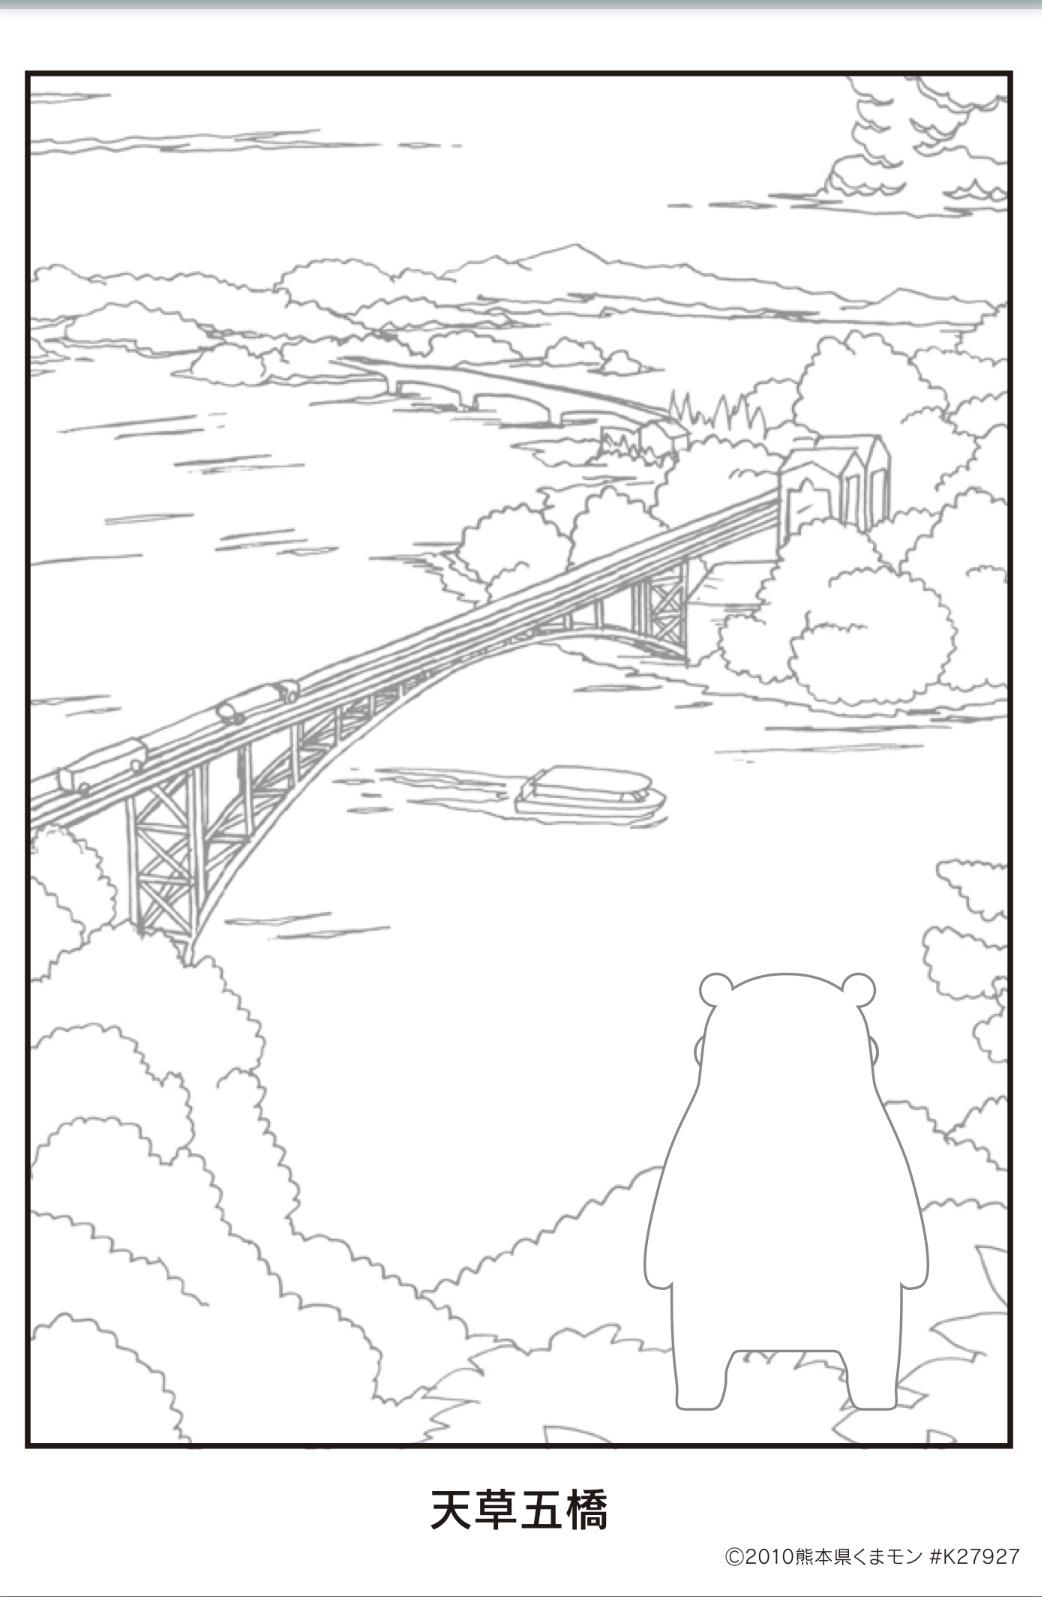 にこにこきらきら ぬりえ 天草五橋ハガキ シホサンフラワー